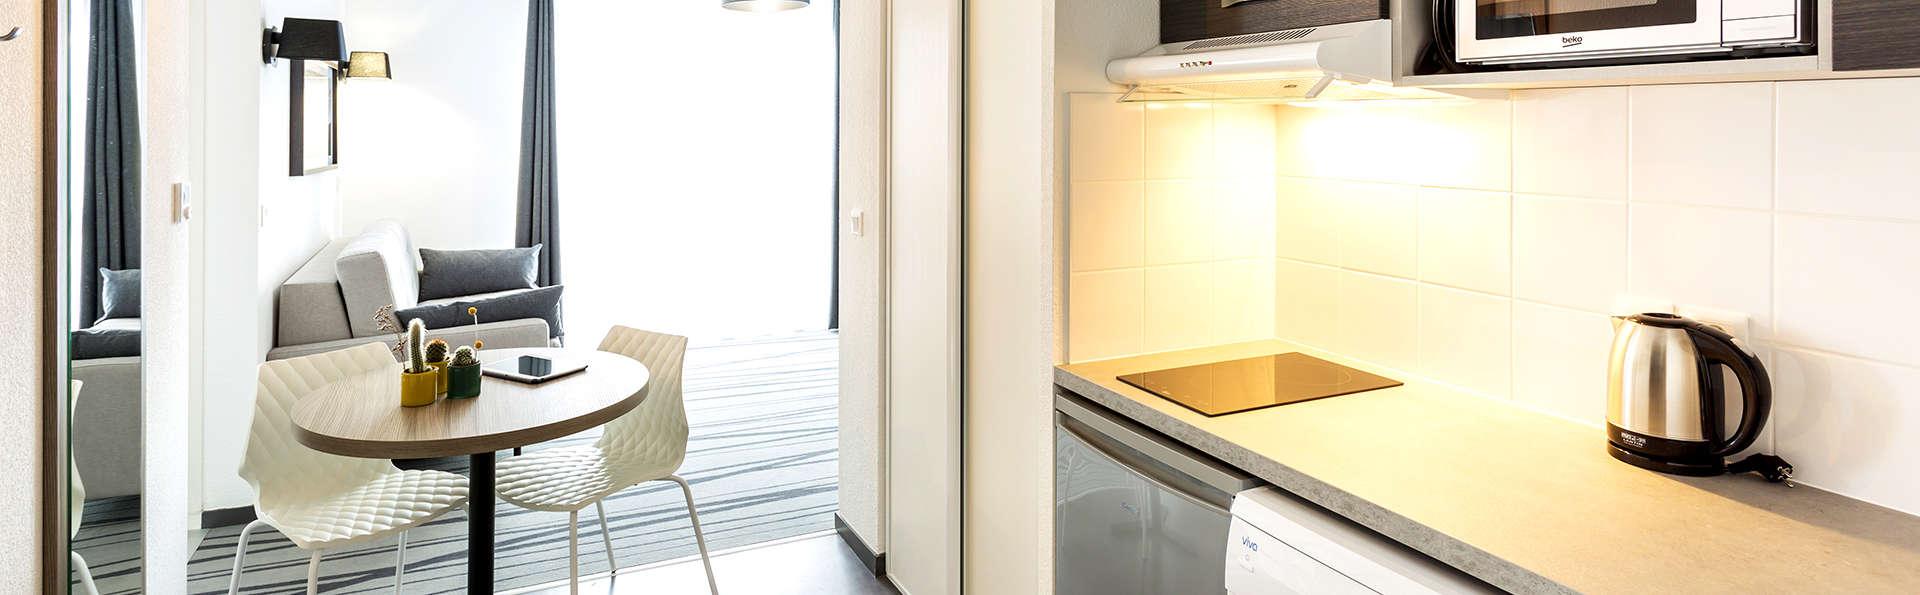 Néméa Appart'hôtel Elypséo Strasbourg  - EDIT_NEW_ROOM2.jpg